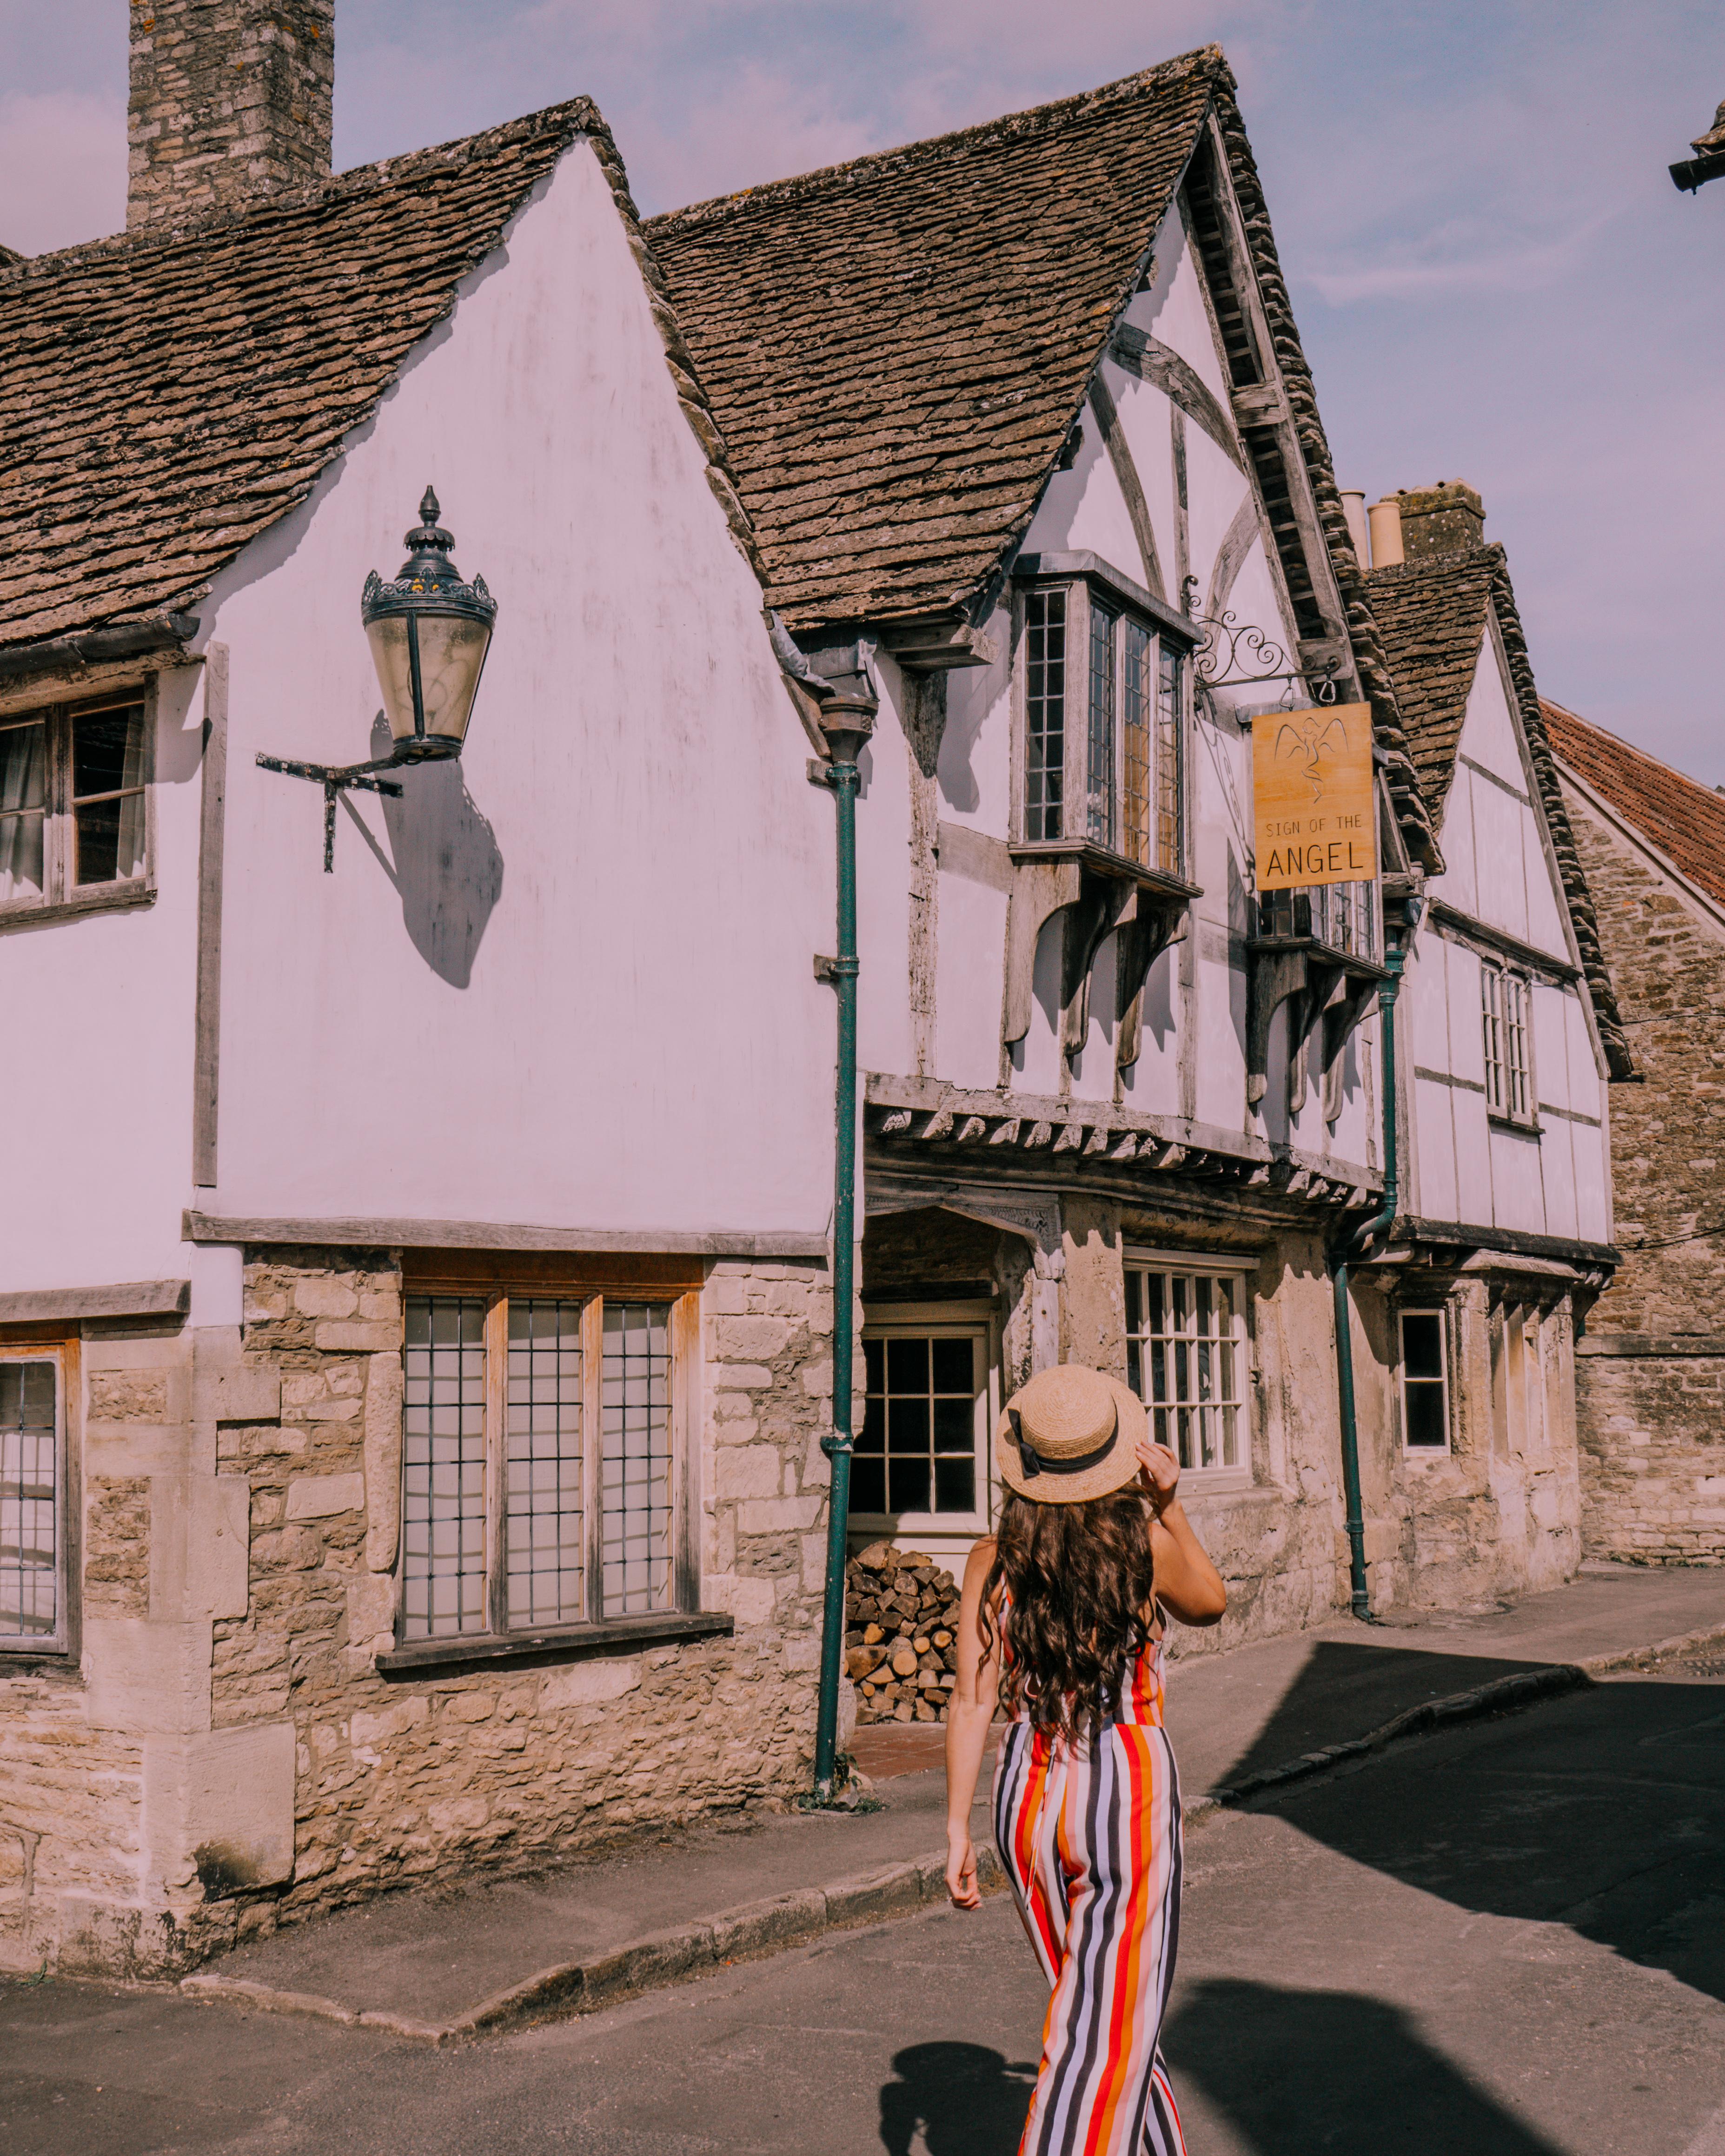 Walking through Lacock, Wiltshire